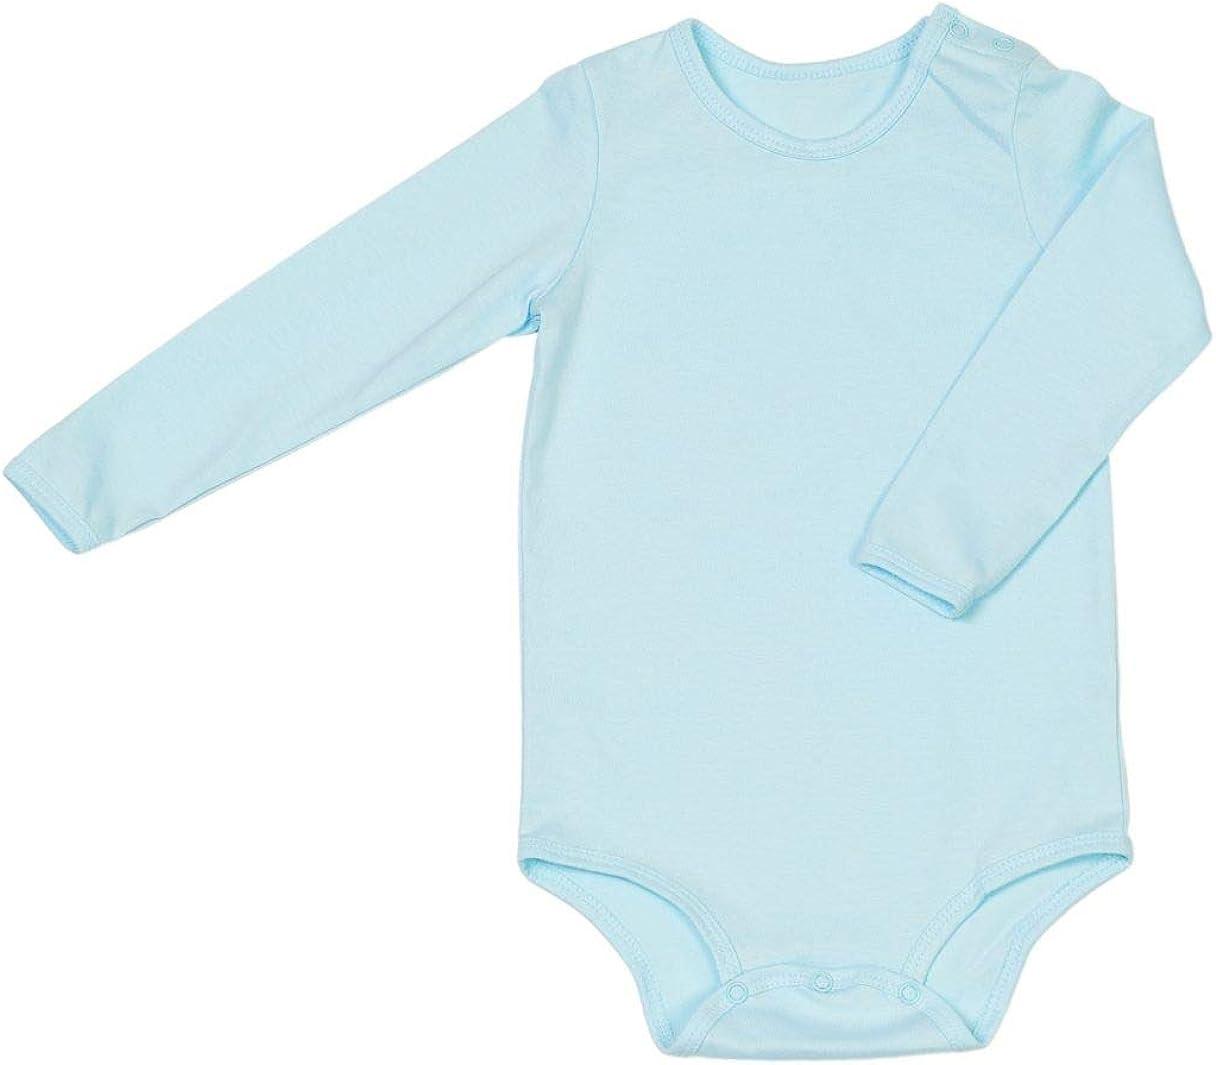 FriendFashion Baby-Body 3er Set Grund-Ausstattung f/ür Babies und Kinder Langarm-Bodys f/ür Kinder und Babys Fair-Trade 100/% GOTS-zertifizierte Bio-Baumwolle